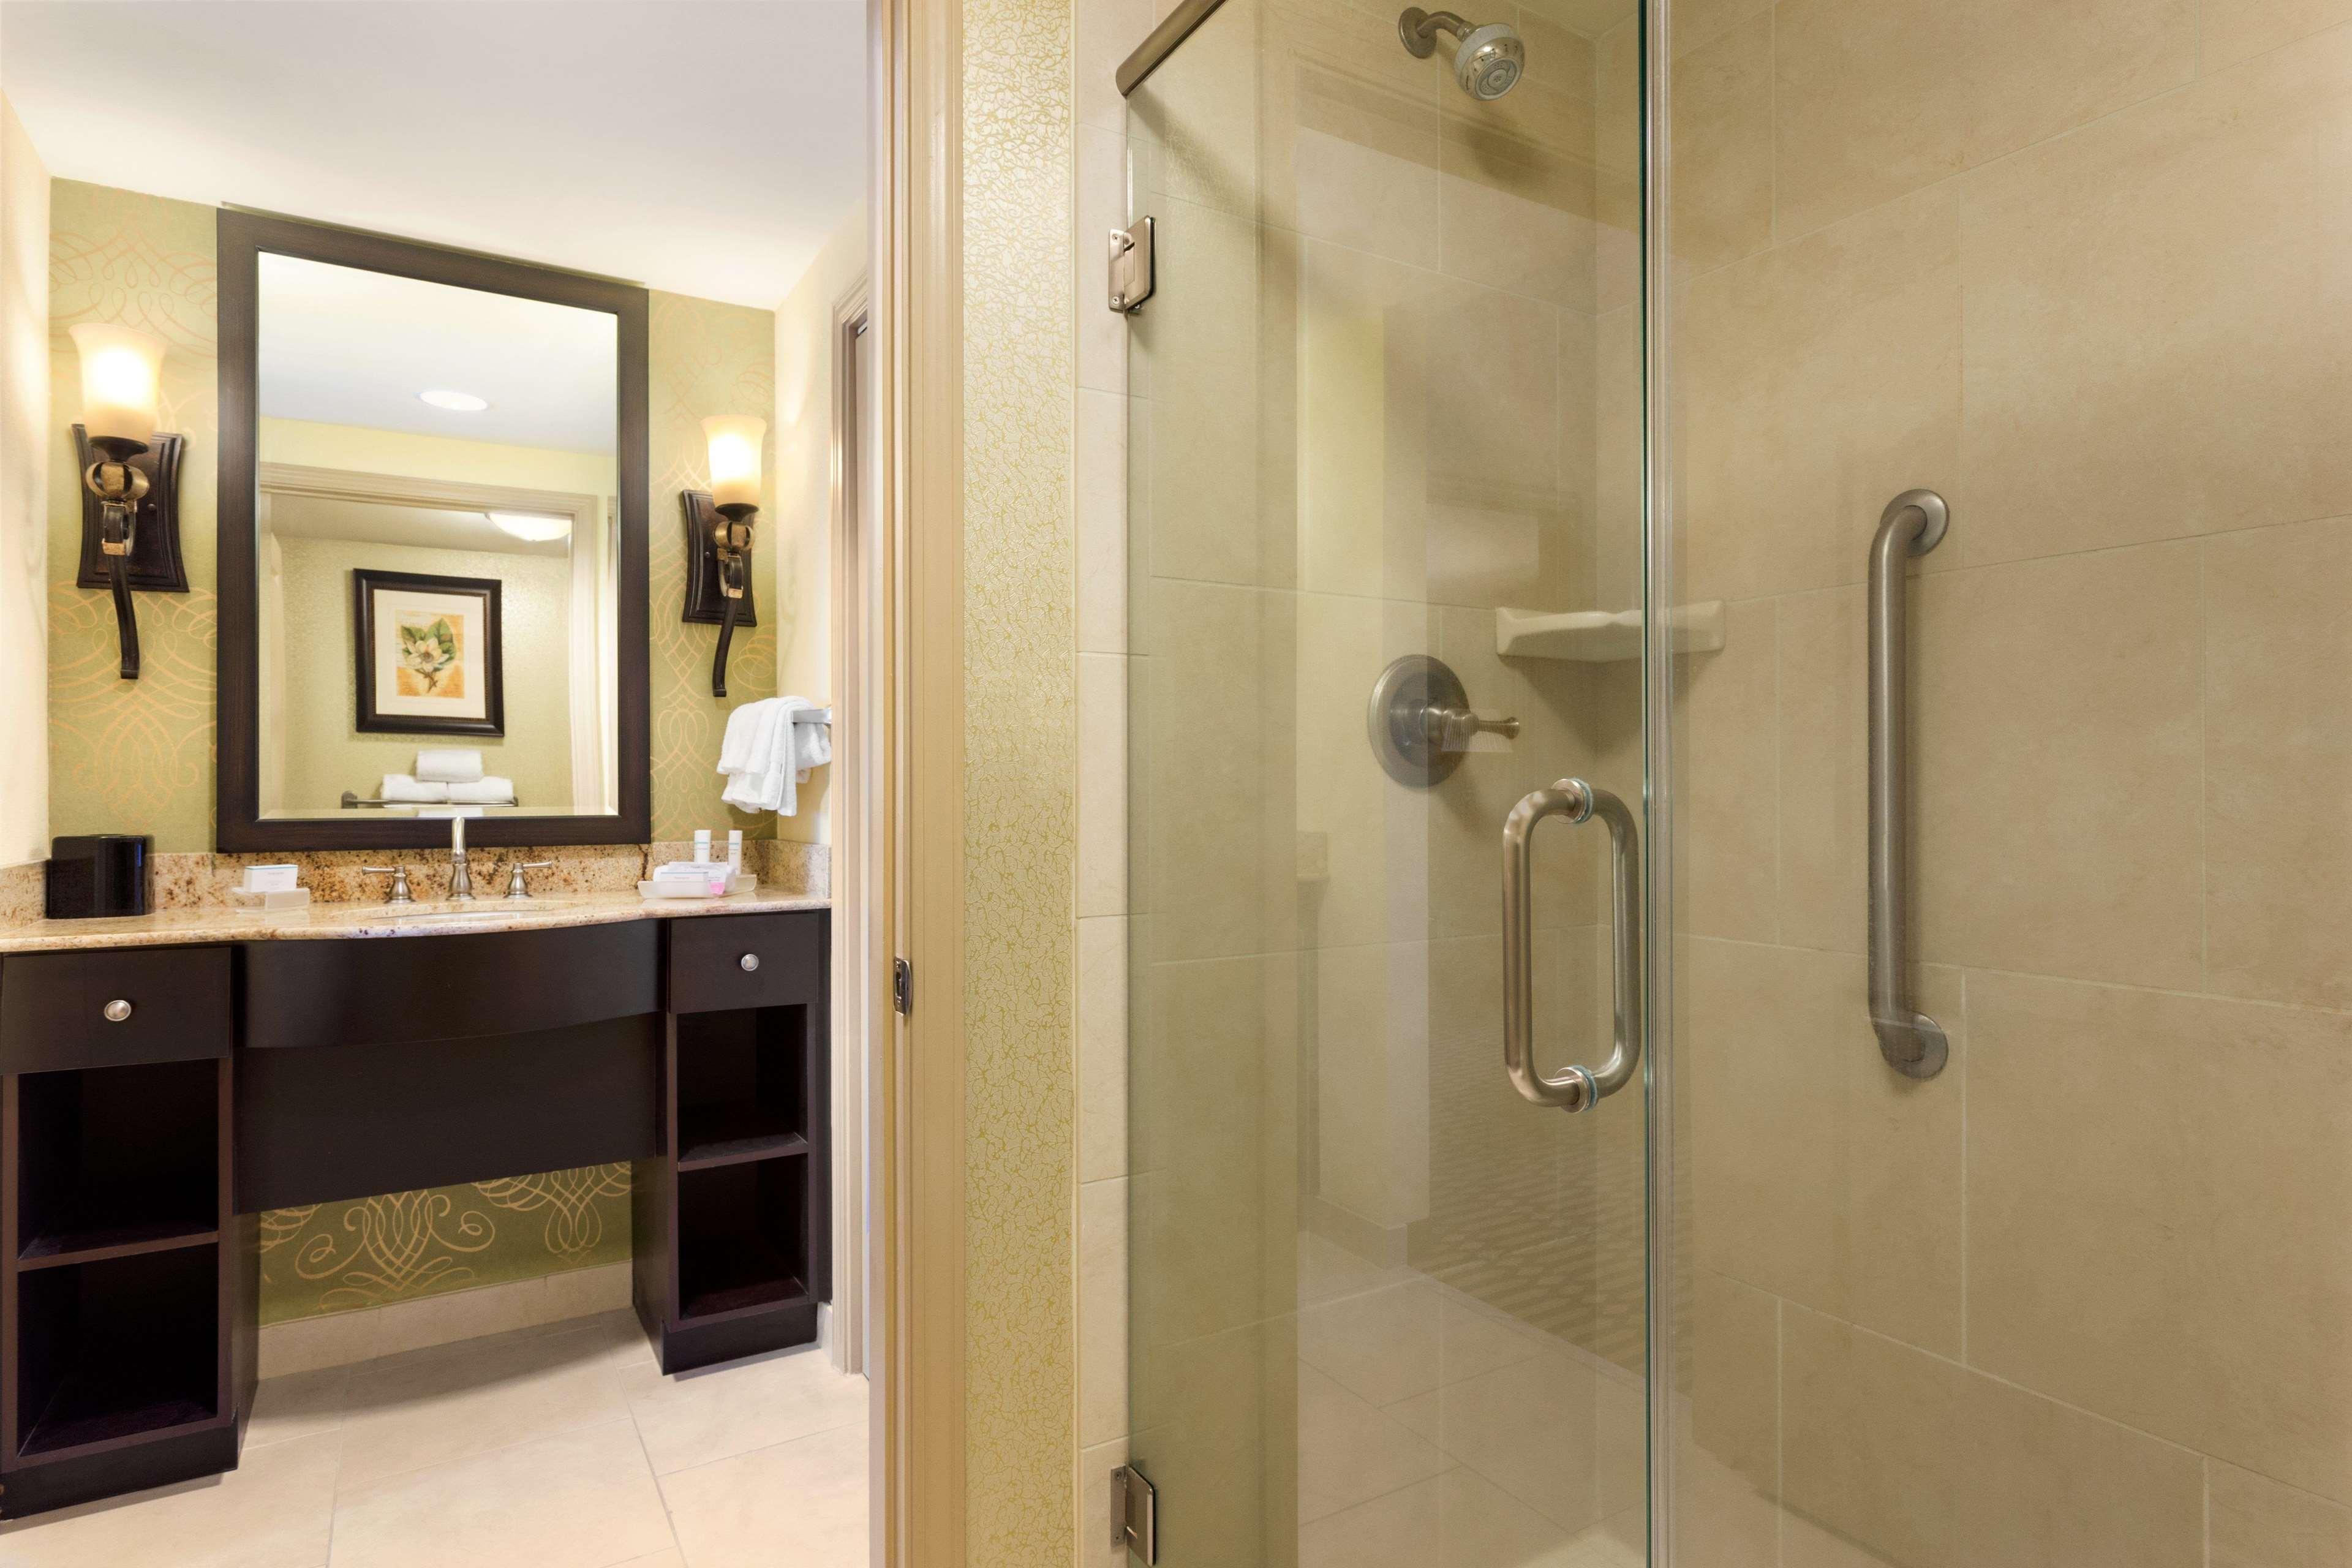 Homewood Suites by Hilton Lafayette-Airport, LA image 17